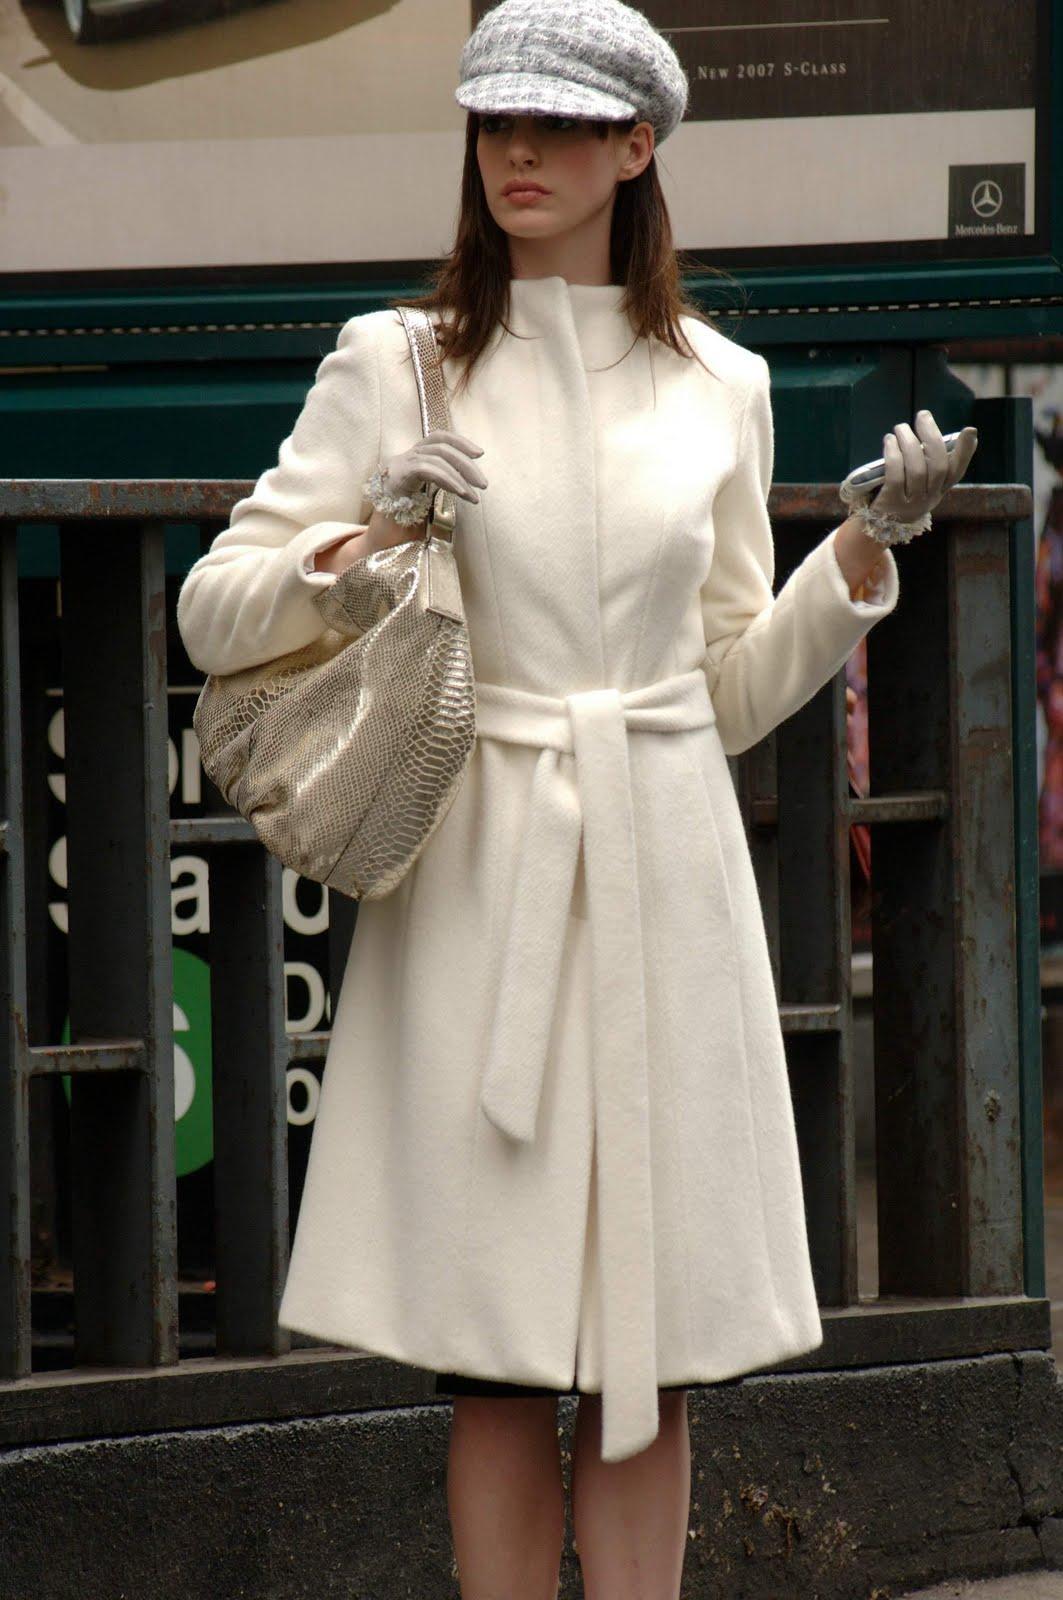 http://3.bp.blogspot.com/-ZWEfwq_Rl78/TcikqZBhT6I/AAAAAAAAAVA/ZwunAr9tr8A/s1600/2006_the_devil_wears_prada_011.jpg